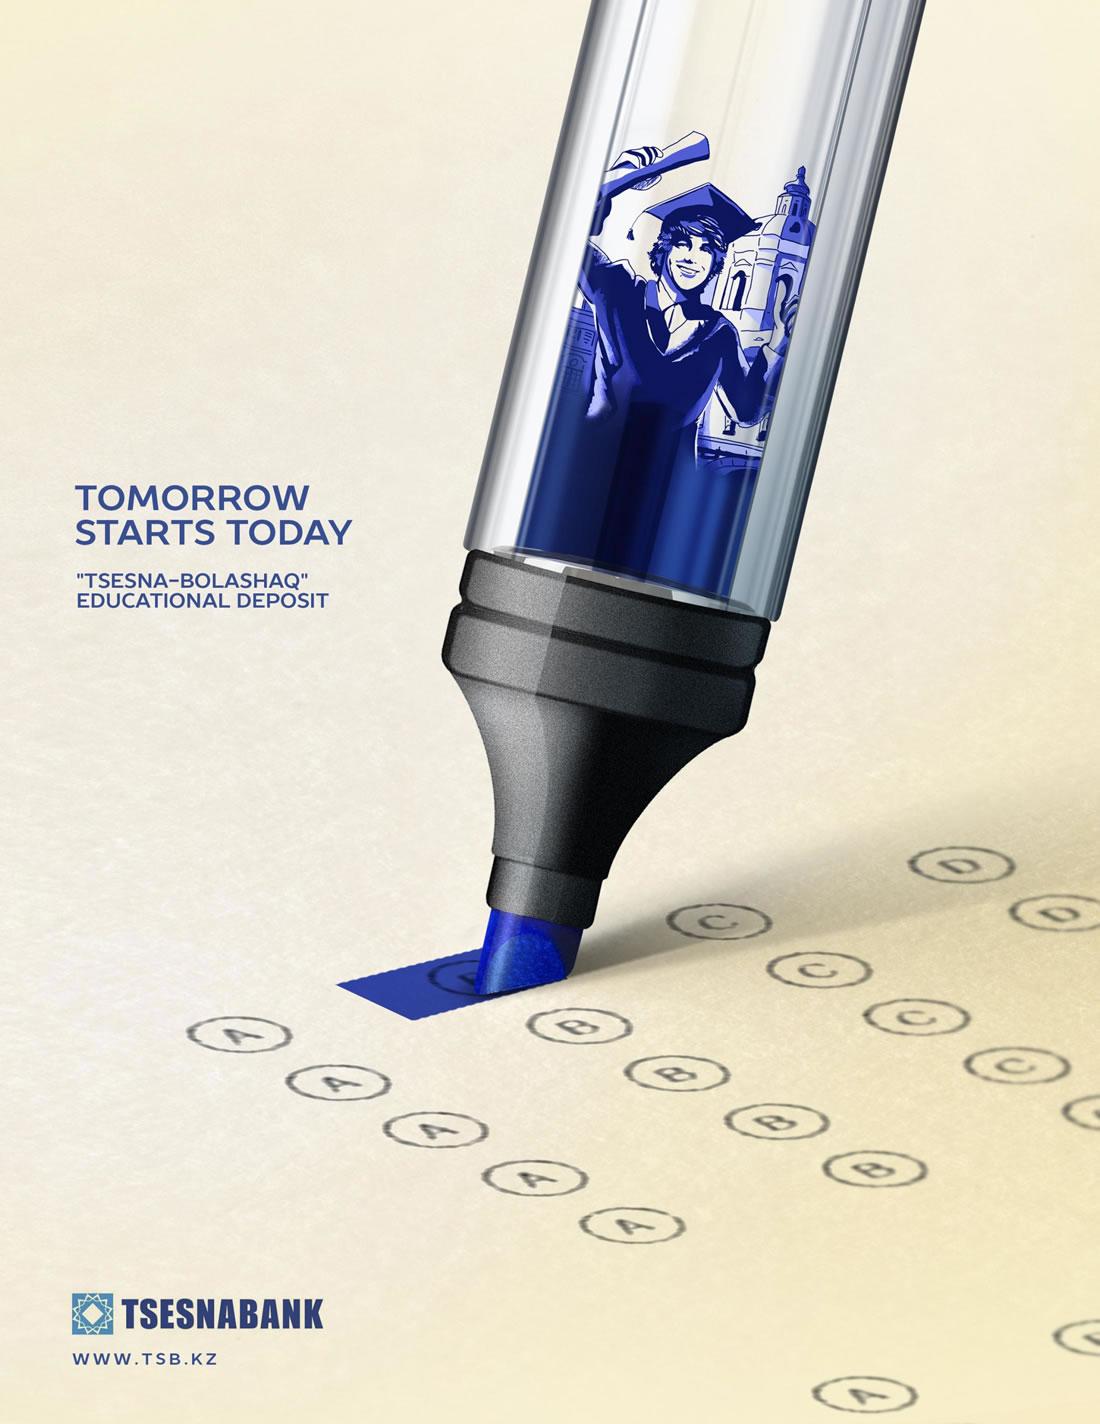 Inspiration - 130 Affiches Publicitaires Graphiques de Mars 2018 114